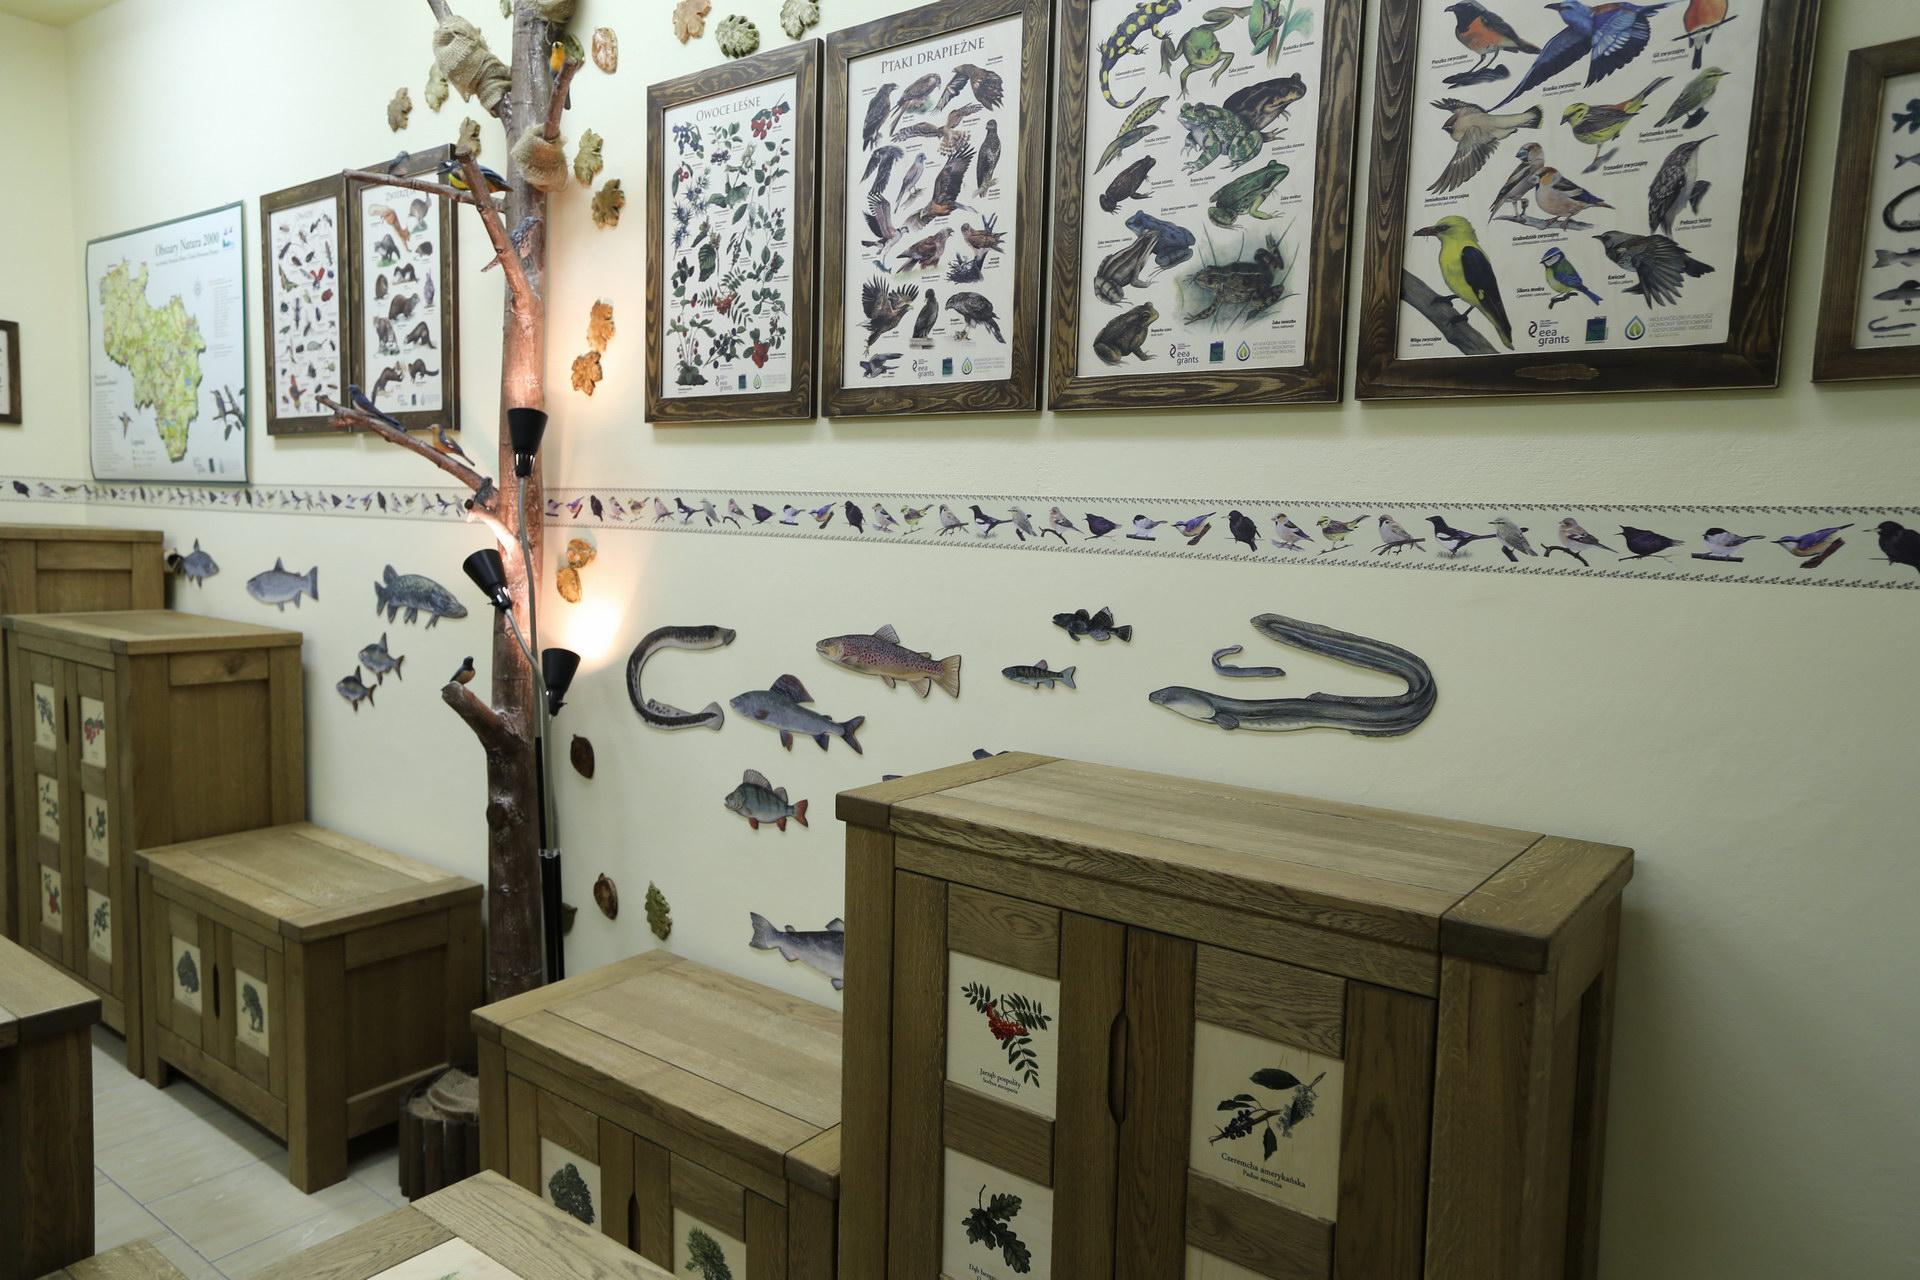 Izby edukacyjne lesne - sale przyrodnicze, wystroj wnetrz - ZS w Drzonowie (2)